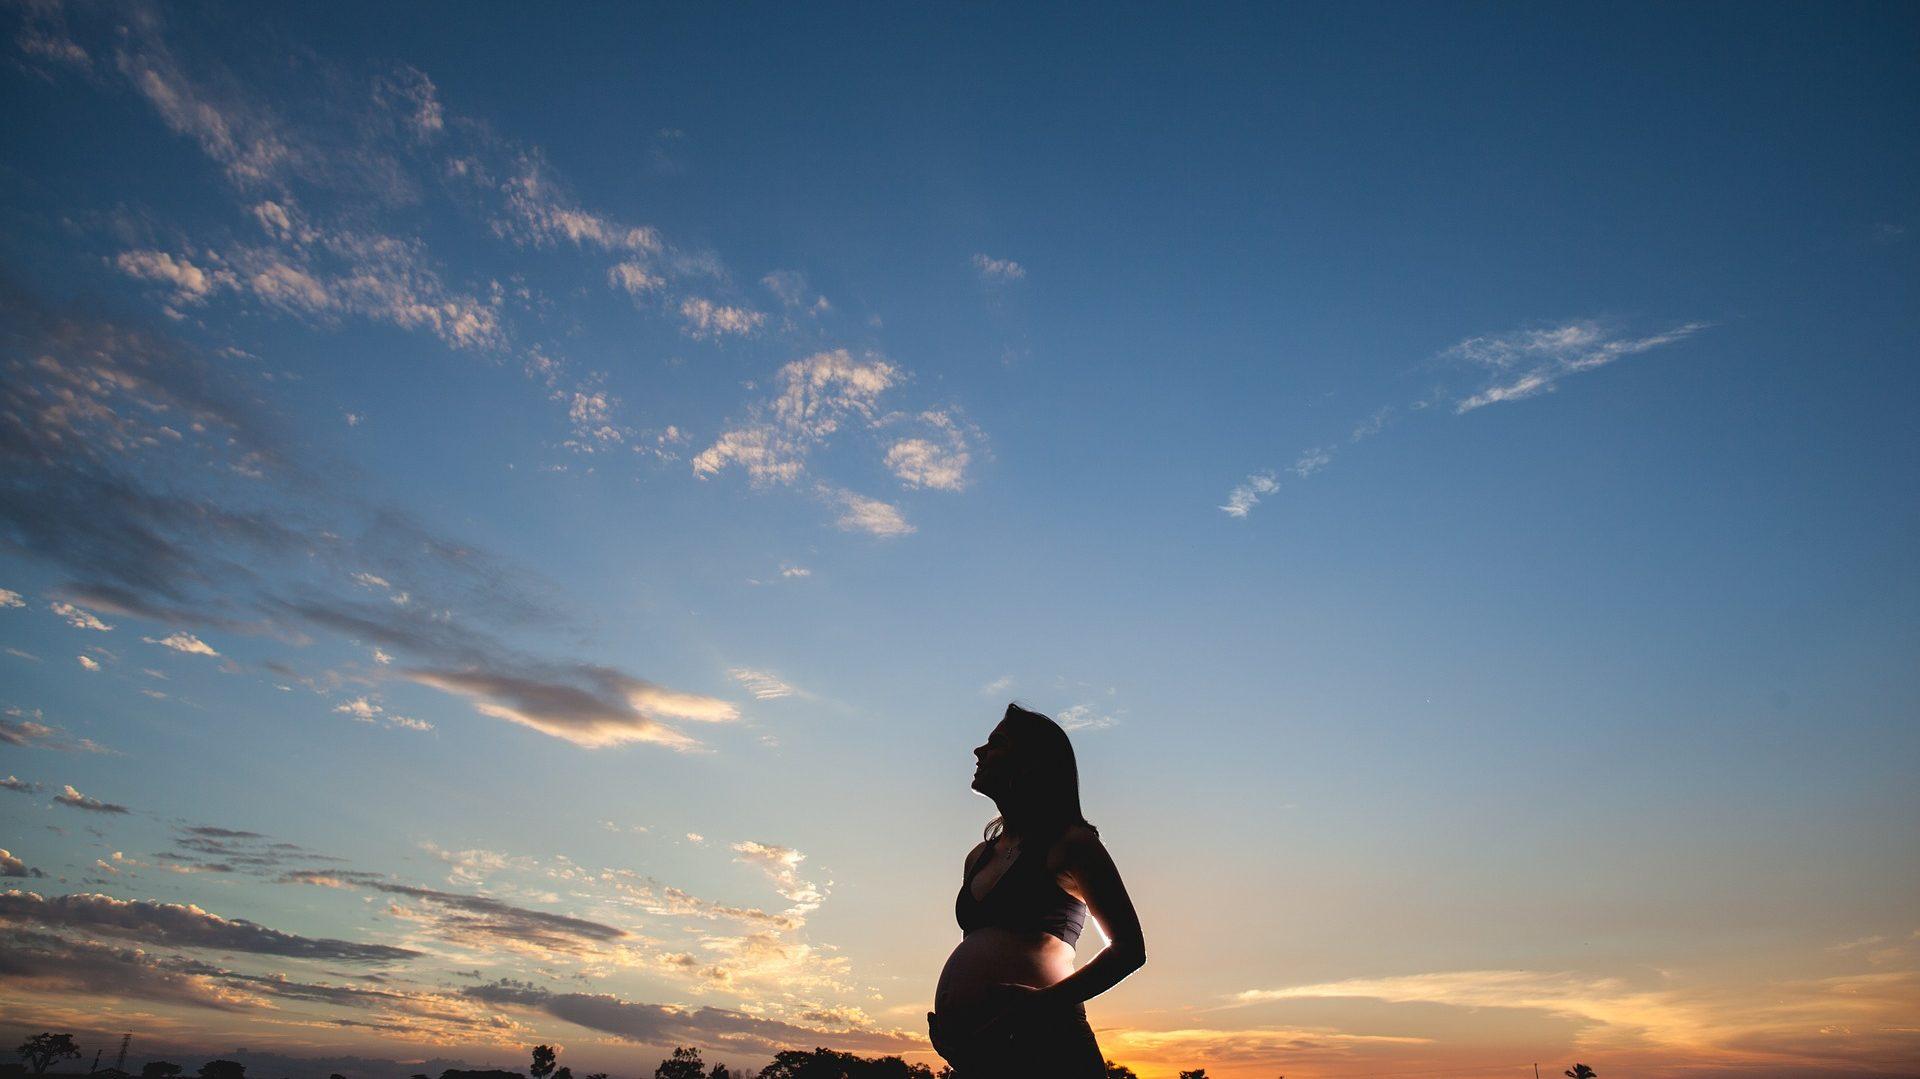 https://ewacetera.pl/wp-content/uploads/2017/06/pregnant-woman-1196132_1920-e1497713680940.jpg